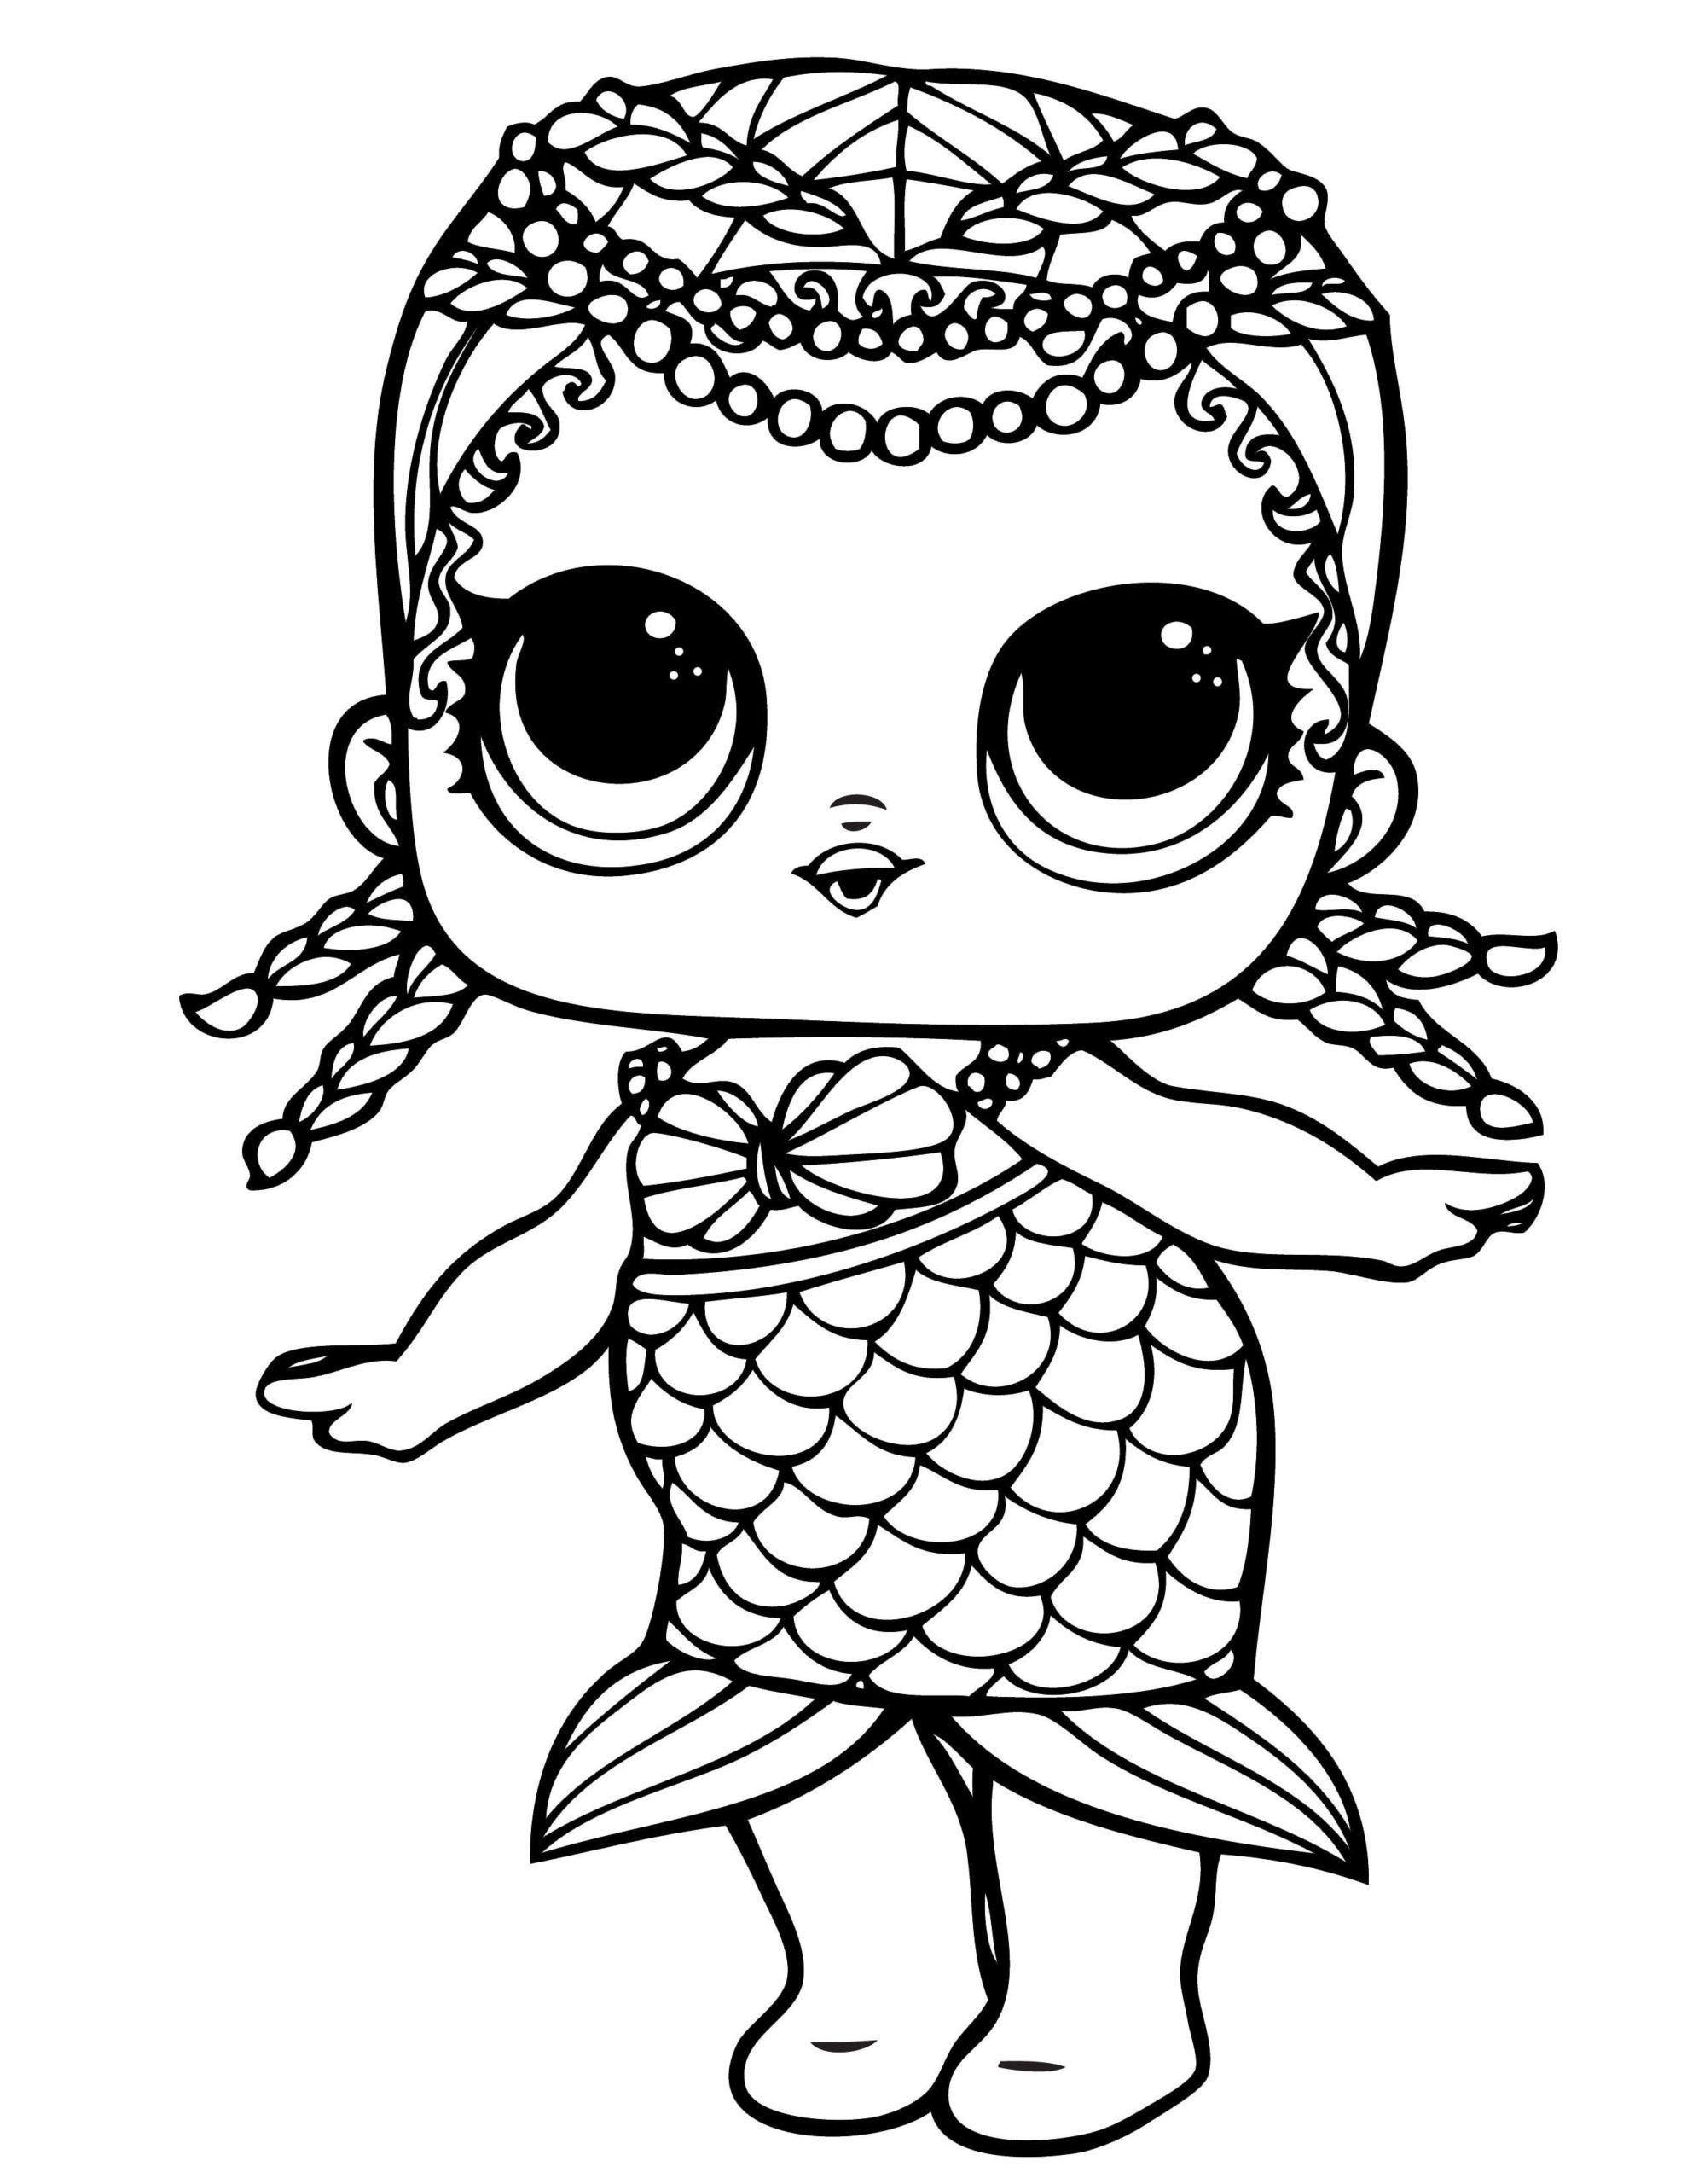 Lol Doll Coloring Pages Mermaid In 2020 Mermaid Coloring Pages Unicorn Coloring Pages Mermaid Coloring